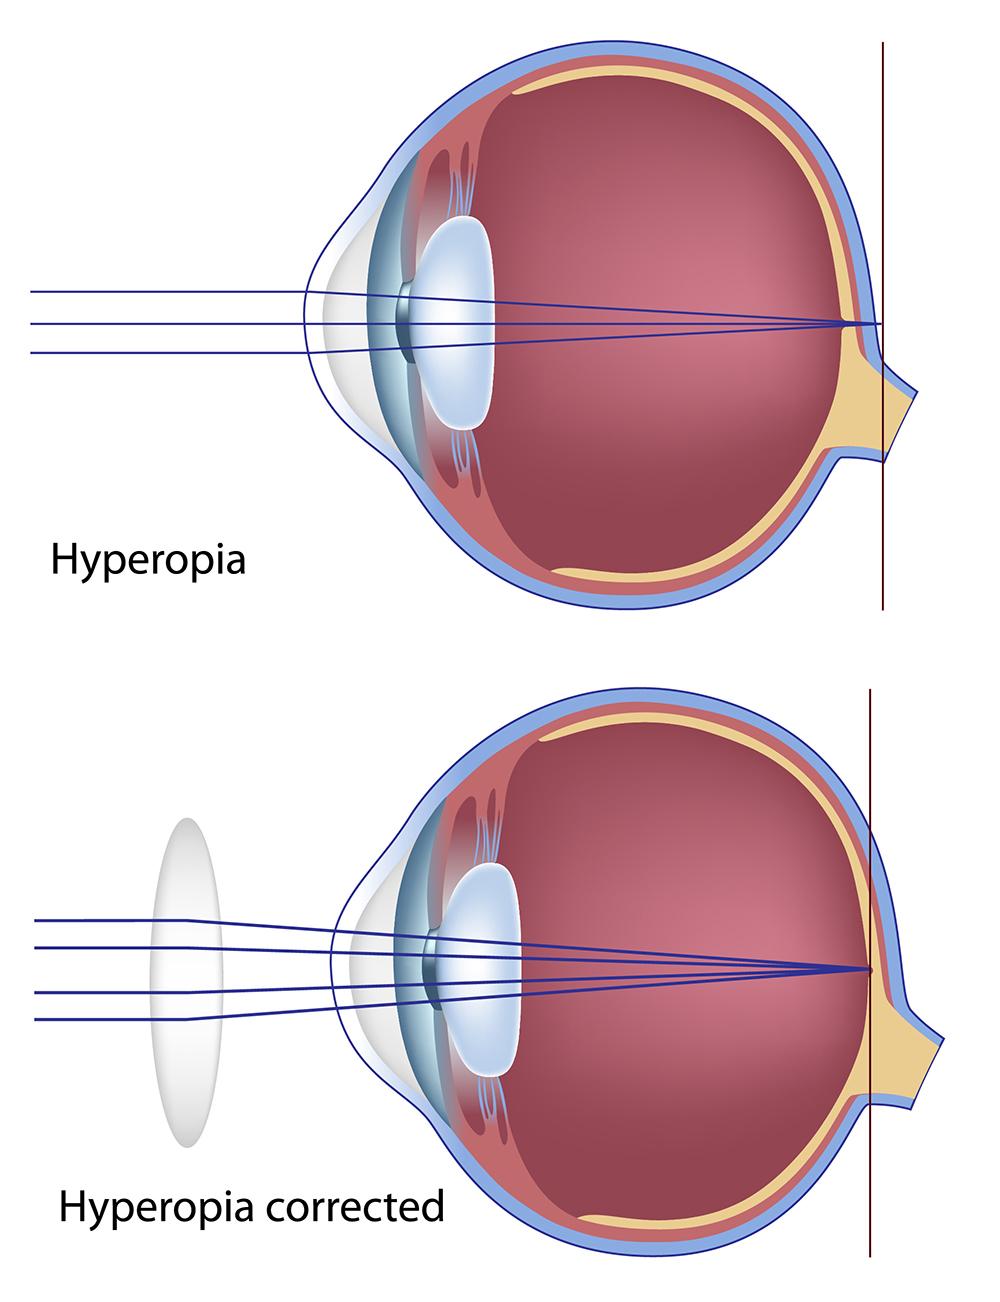 hyperopia farsightedness